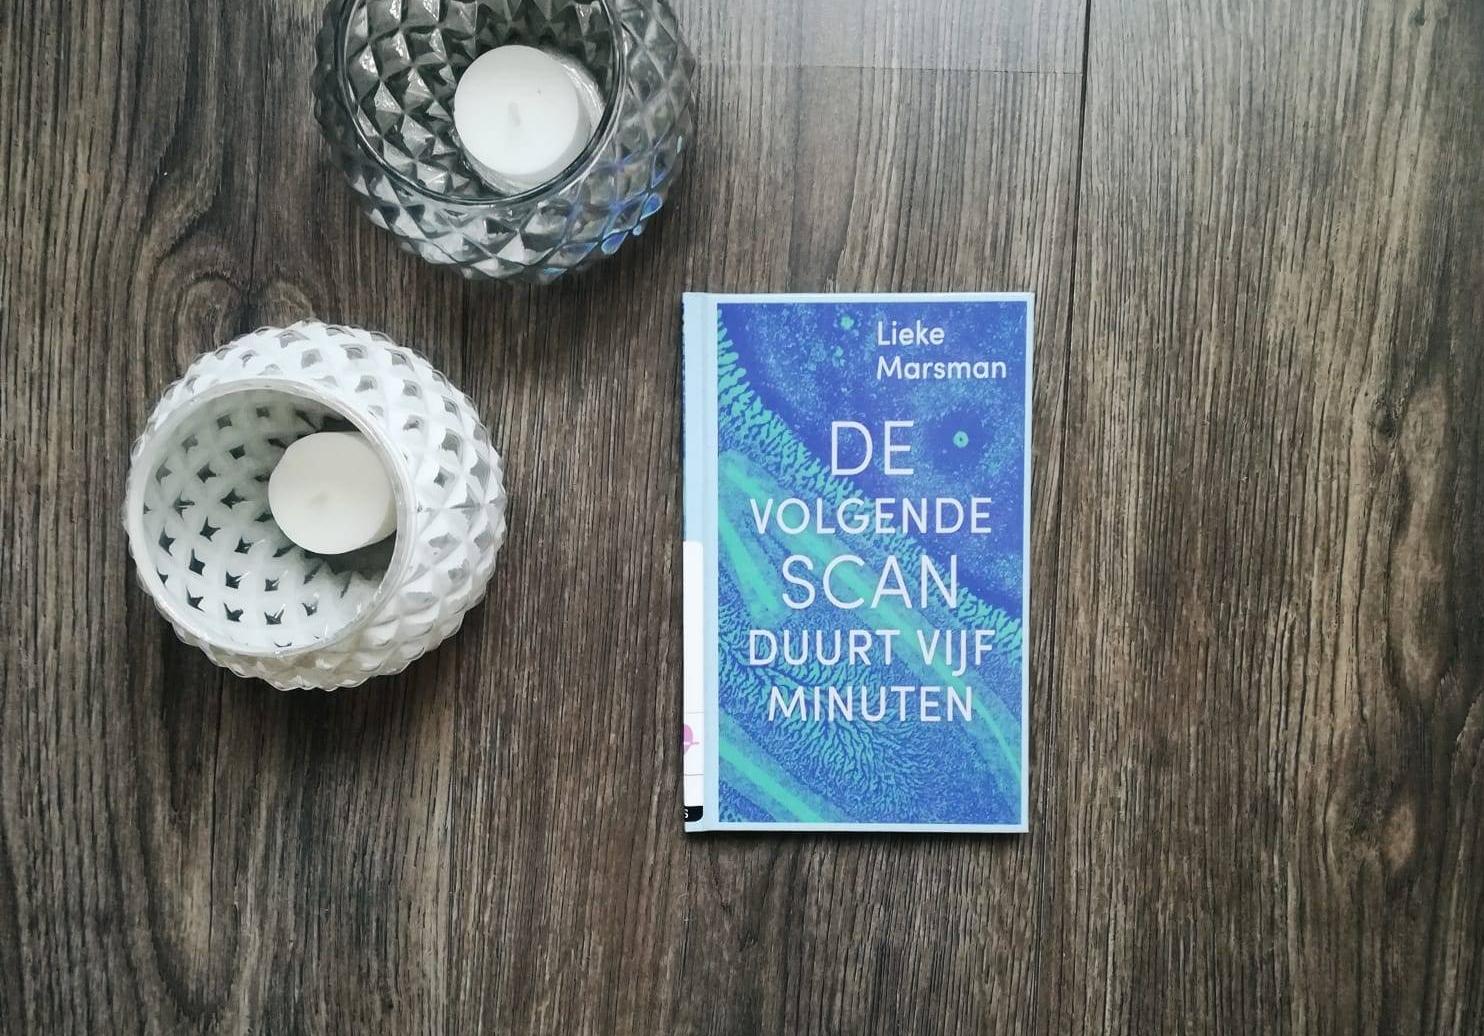 De volgende scan duurt vijf minuten - Lieke Marsman   Marieke's Books